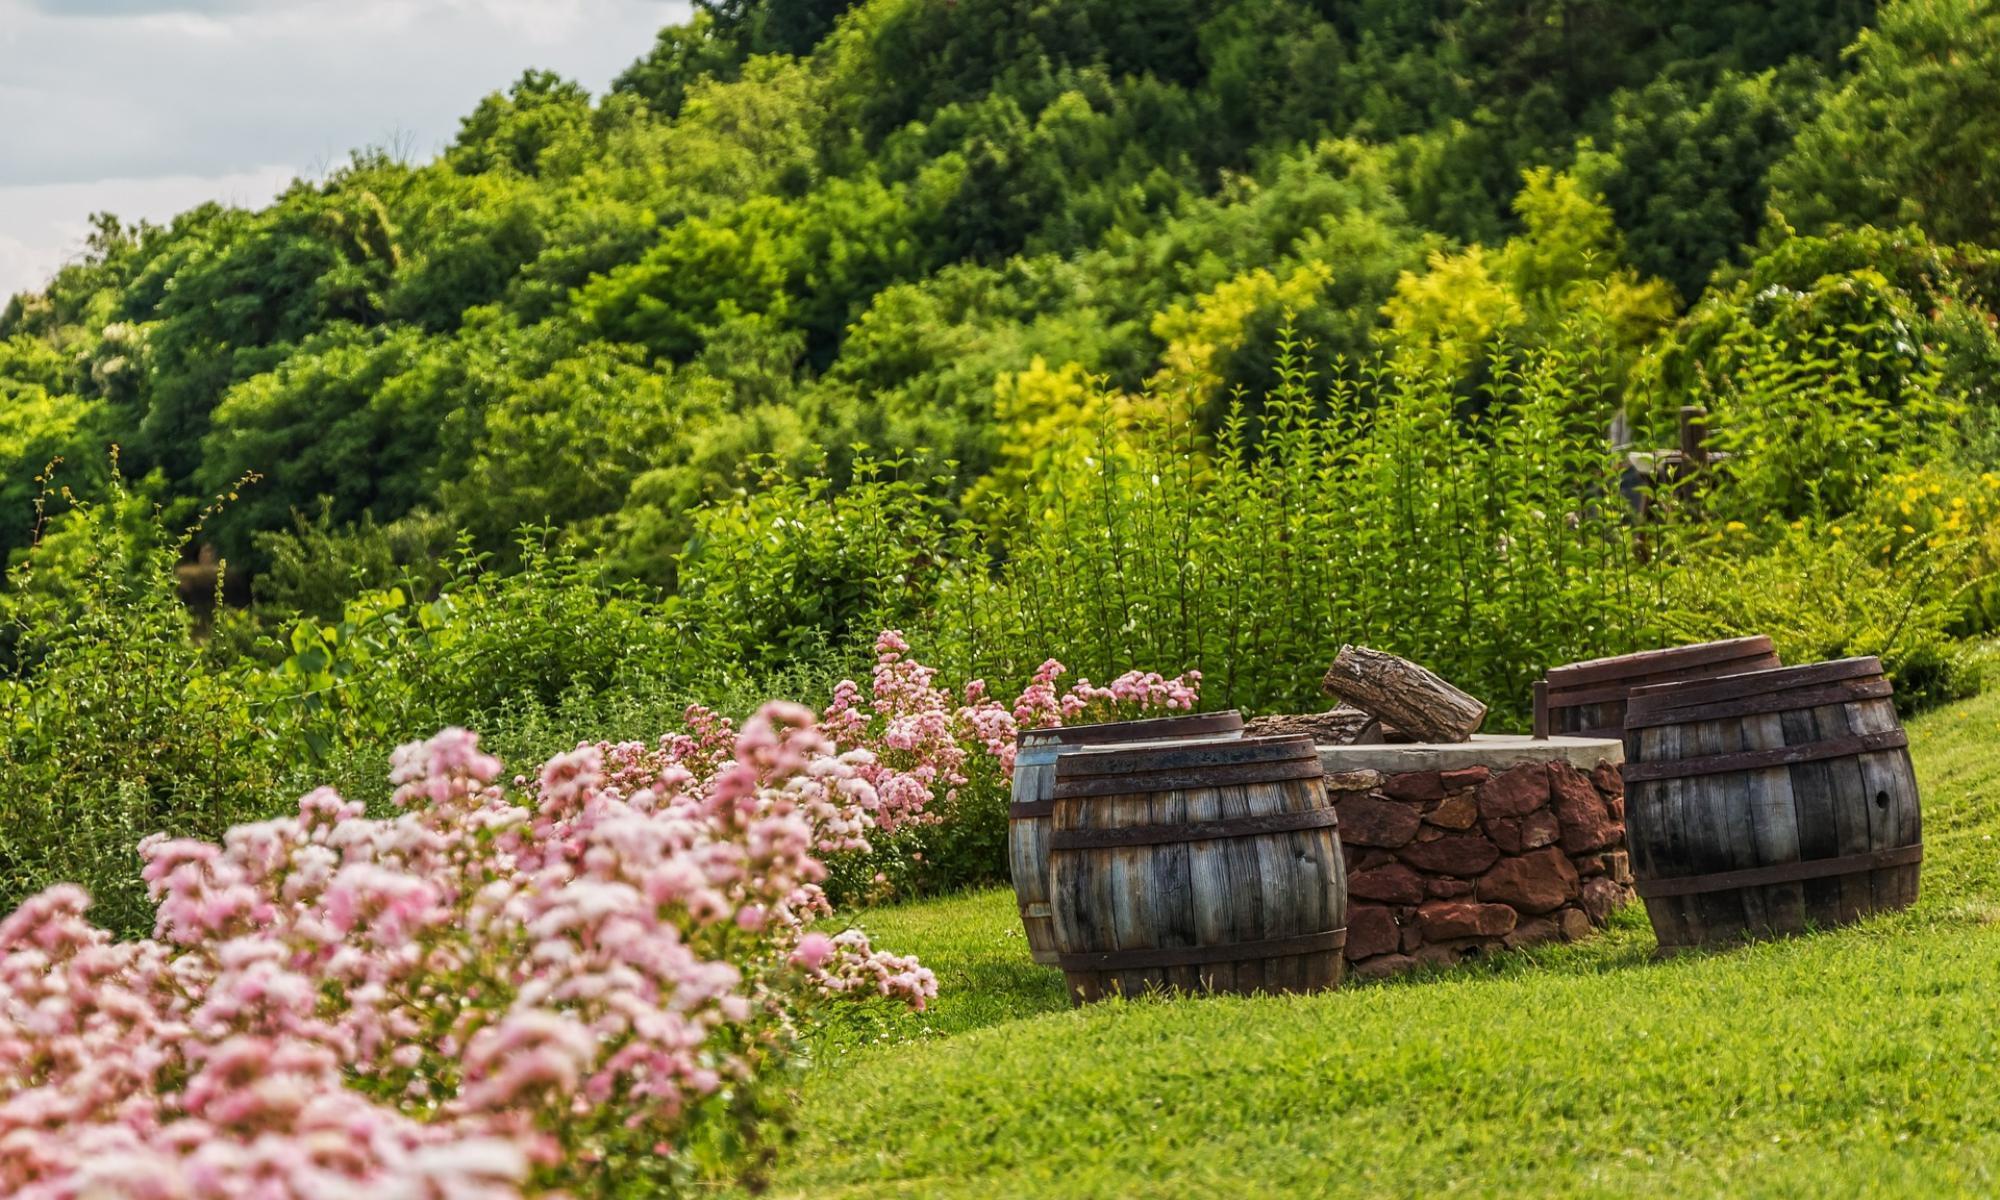 Milde Garten- & Landschaftsbau